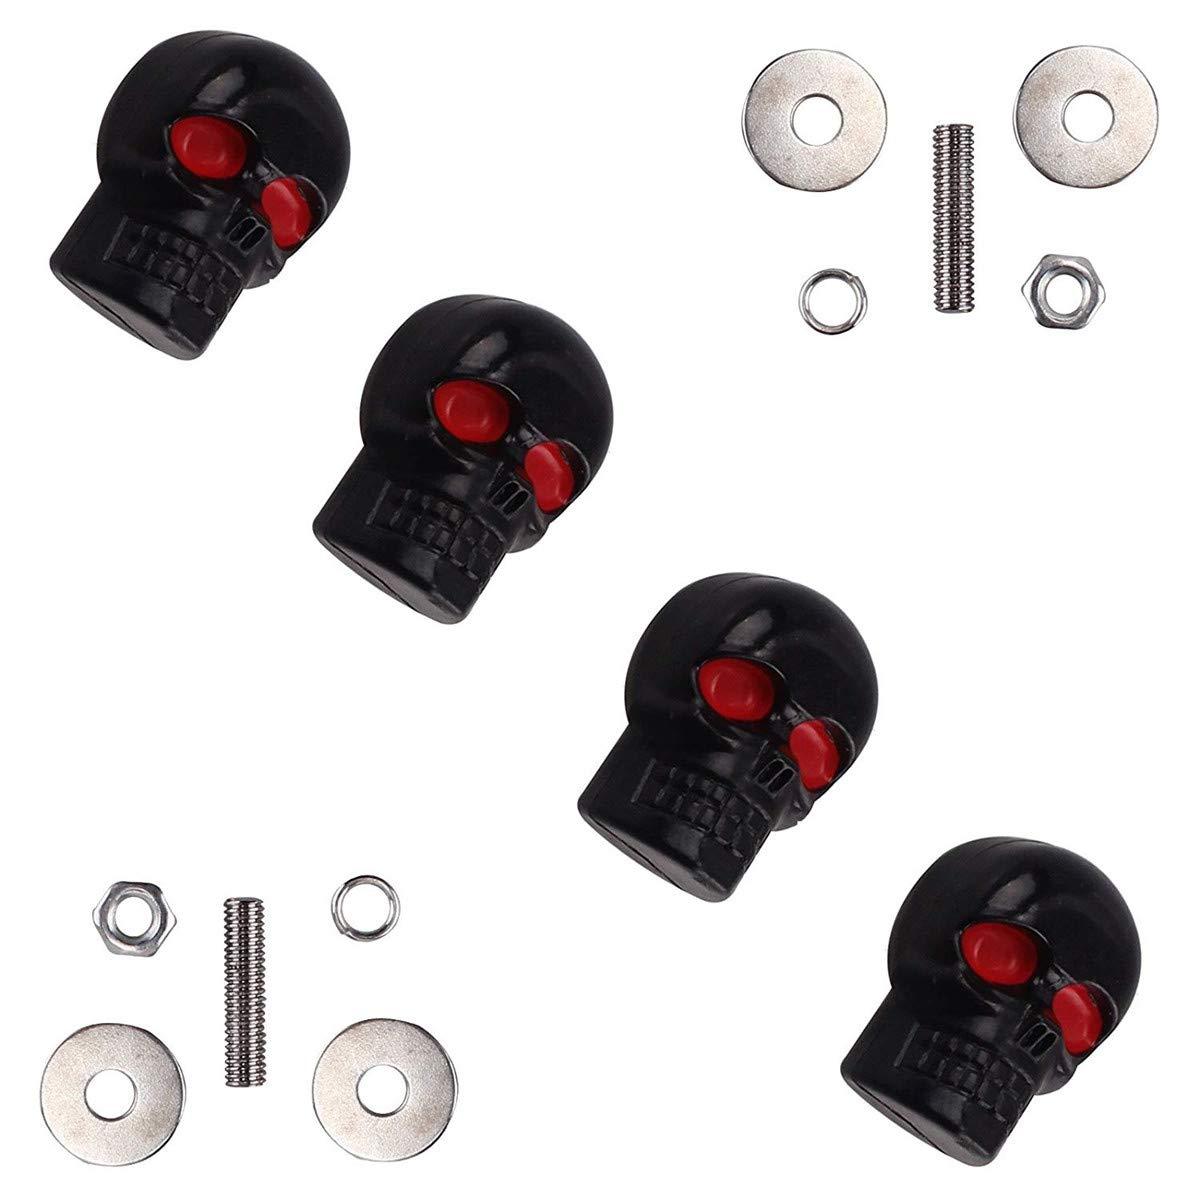 6 mm negro dise/ño de calavera roja cromada con forma de caballo de coraz/ón Juego de 4 tornillos de repuesto para placa de matr/ícula